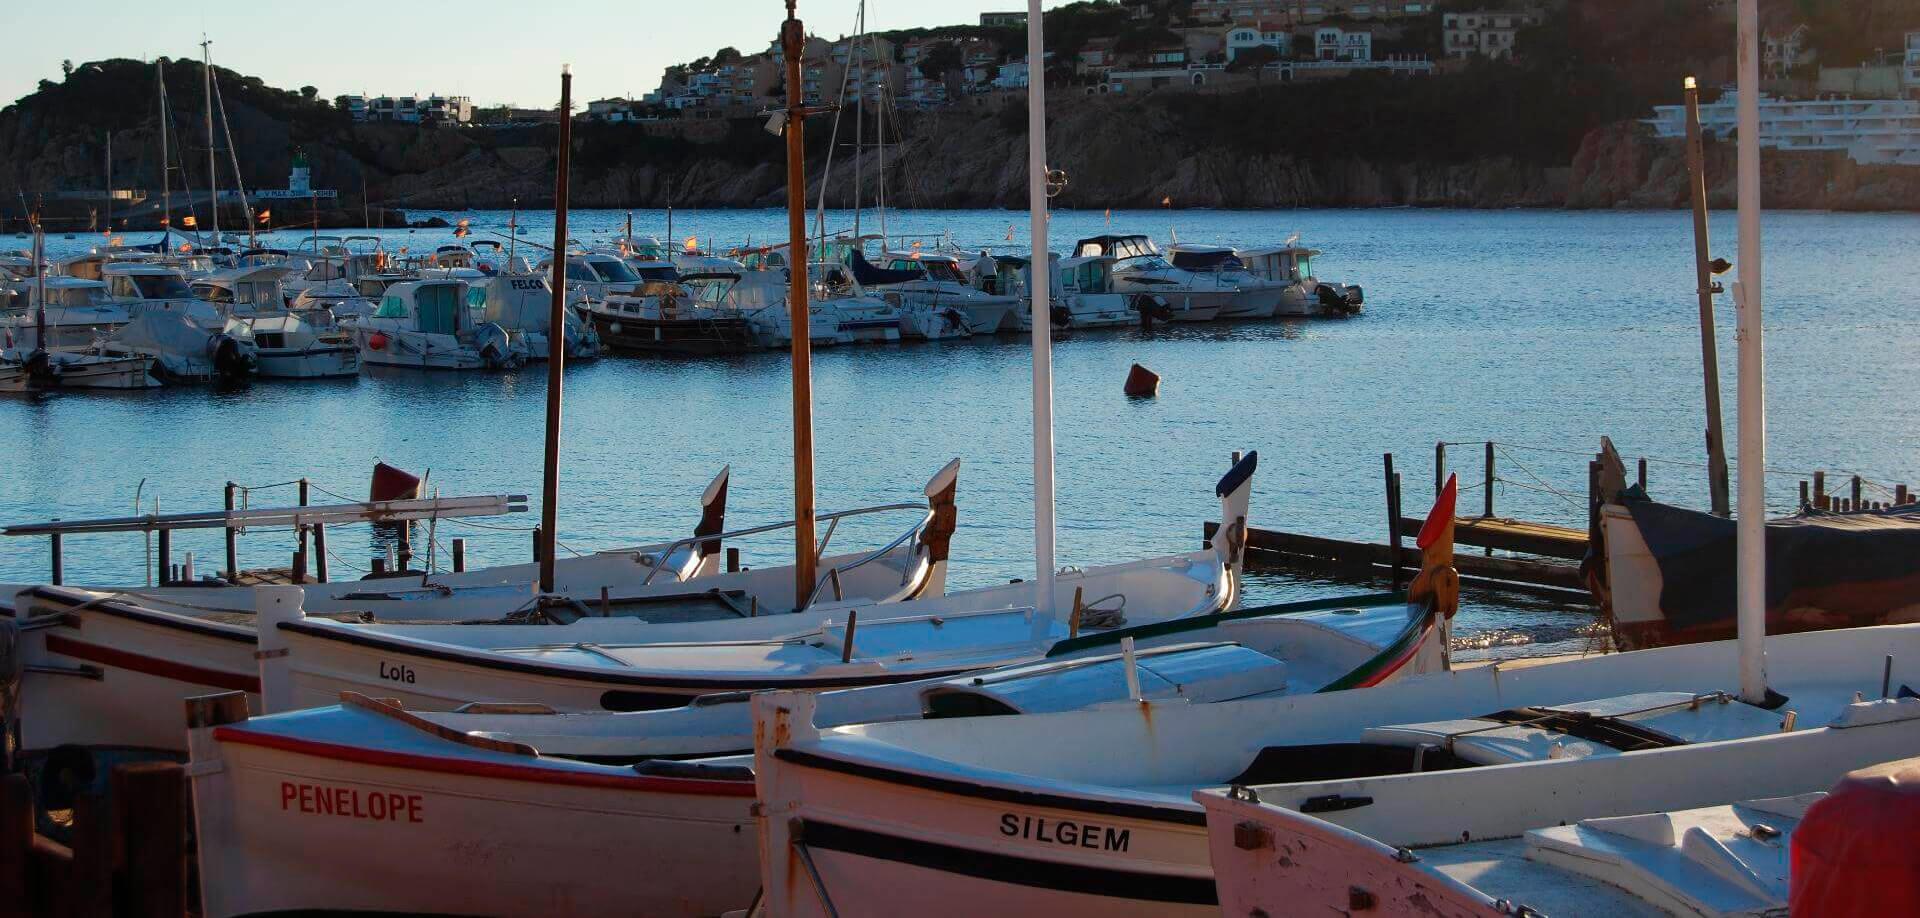 Sitges-Sant Feliu de Guixols